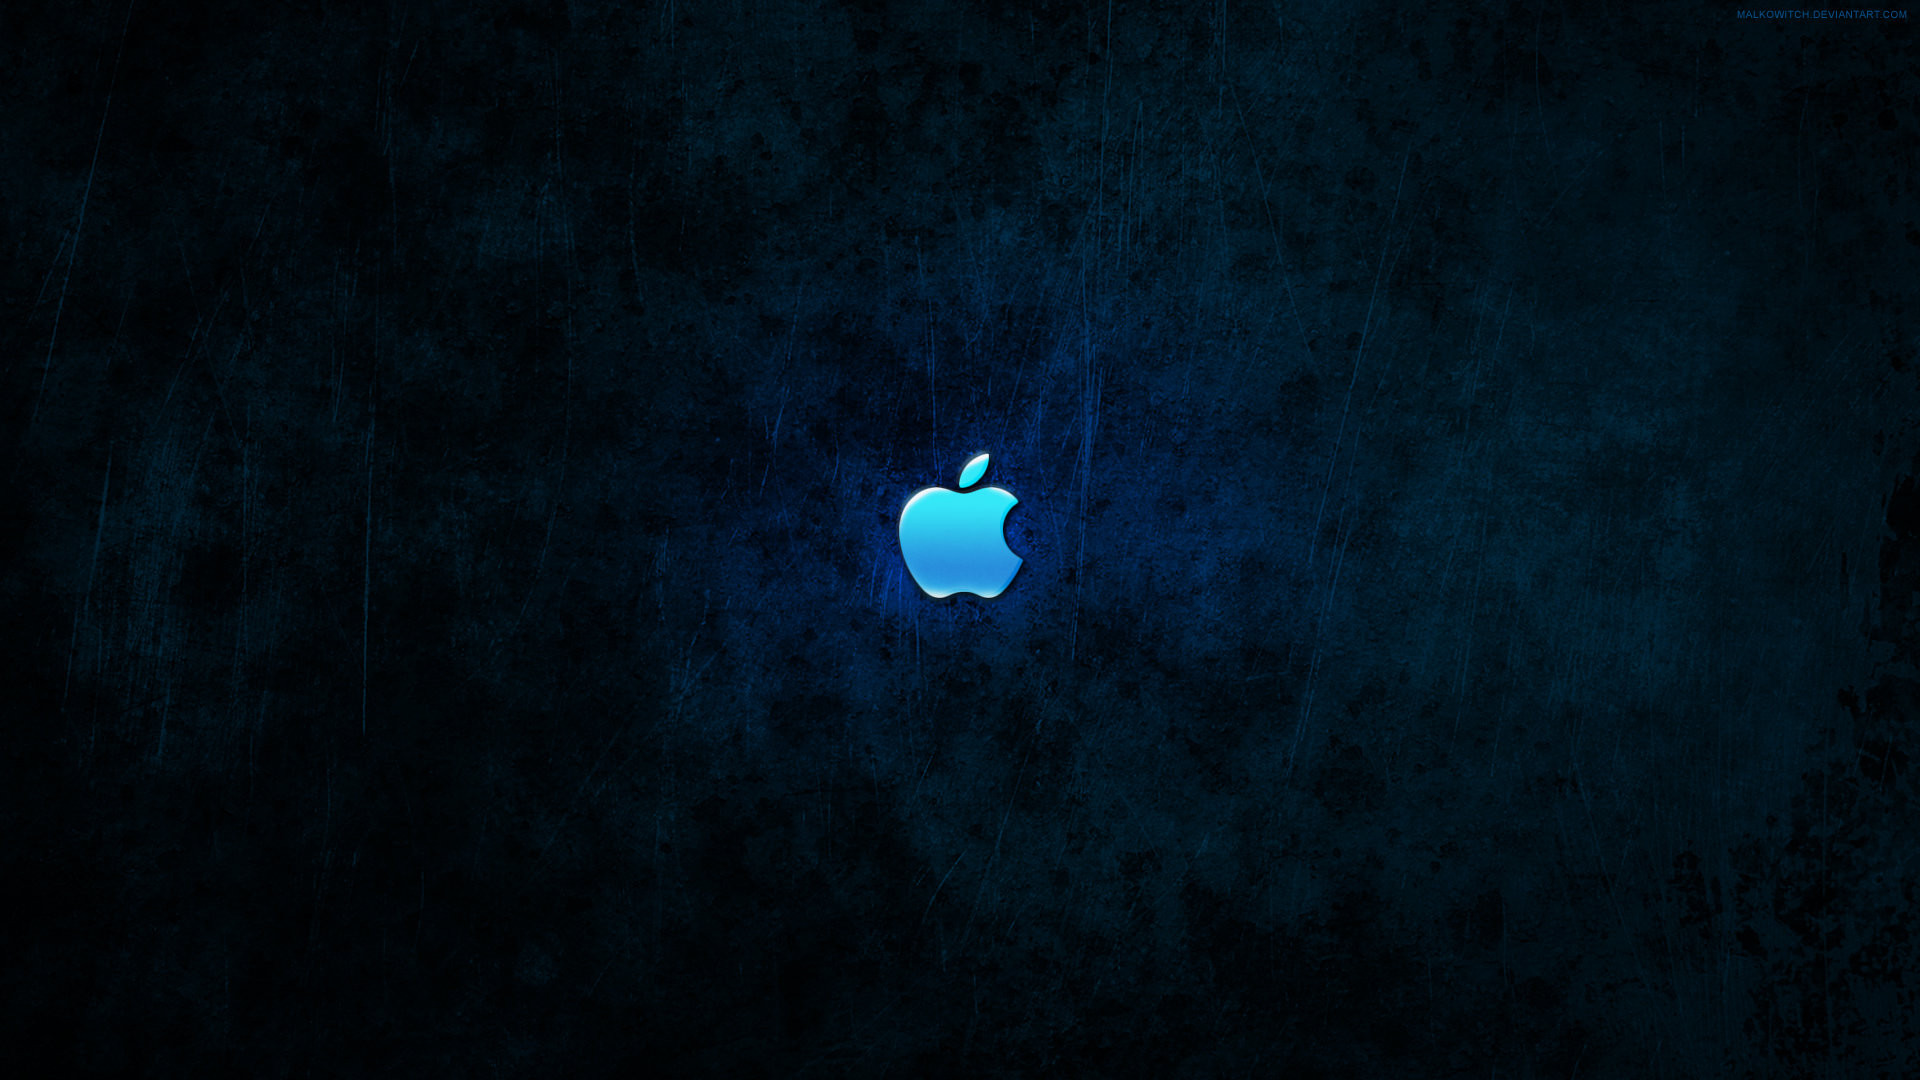 Apple Dark Blue Wallpaper